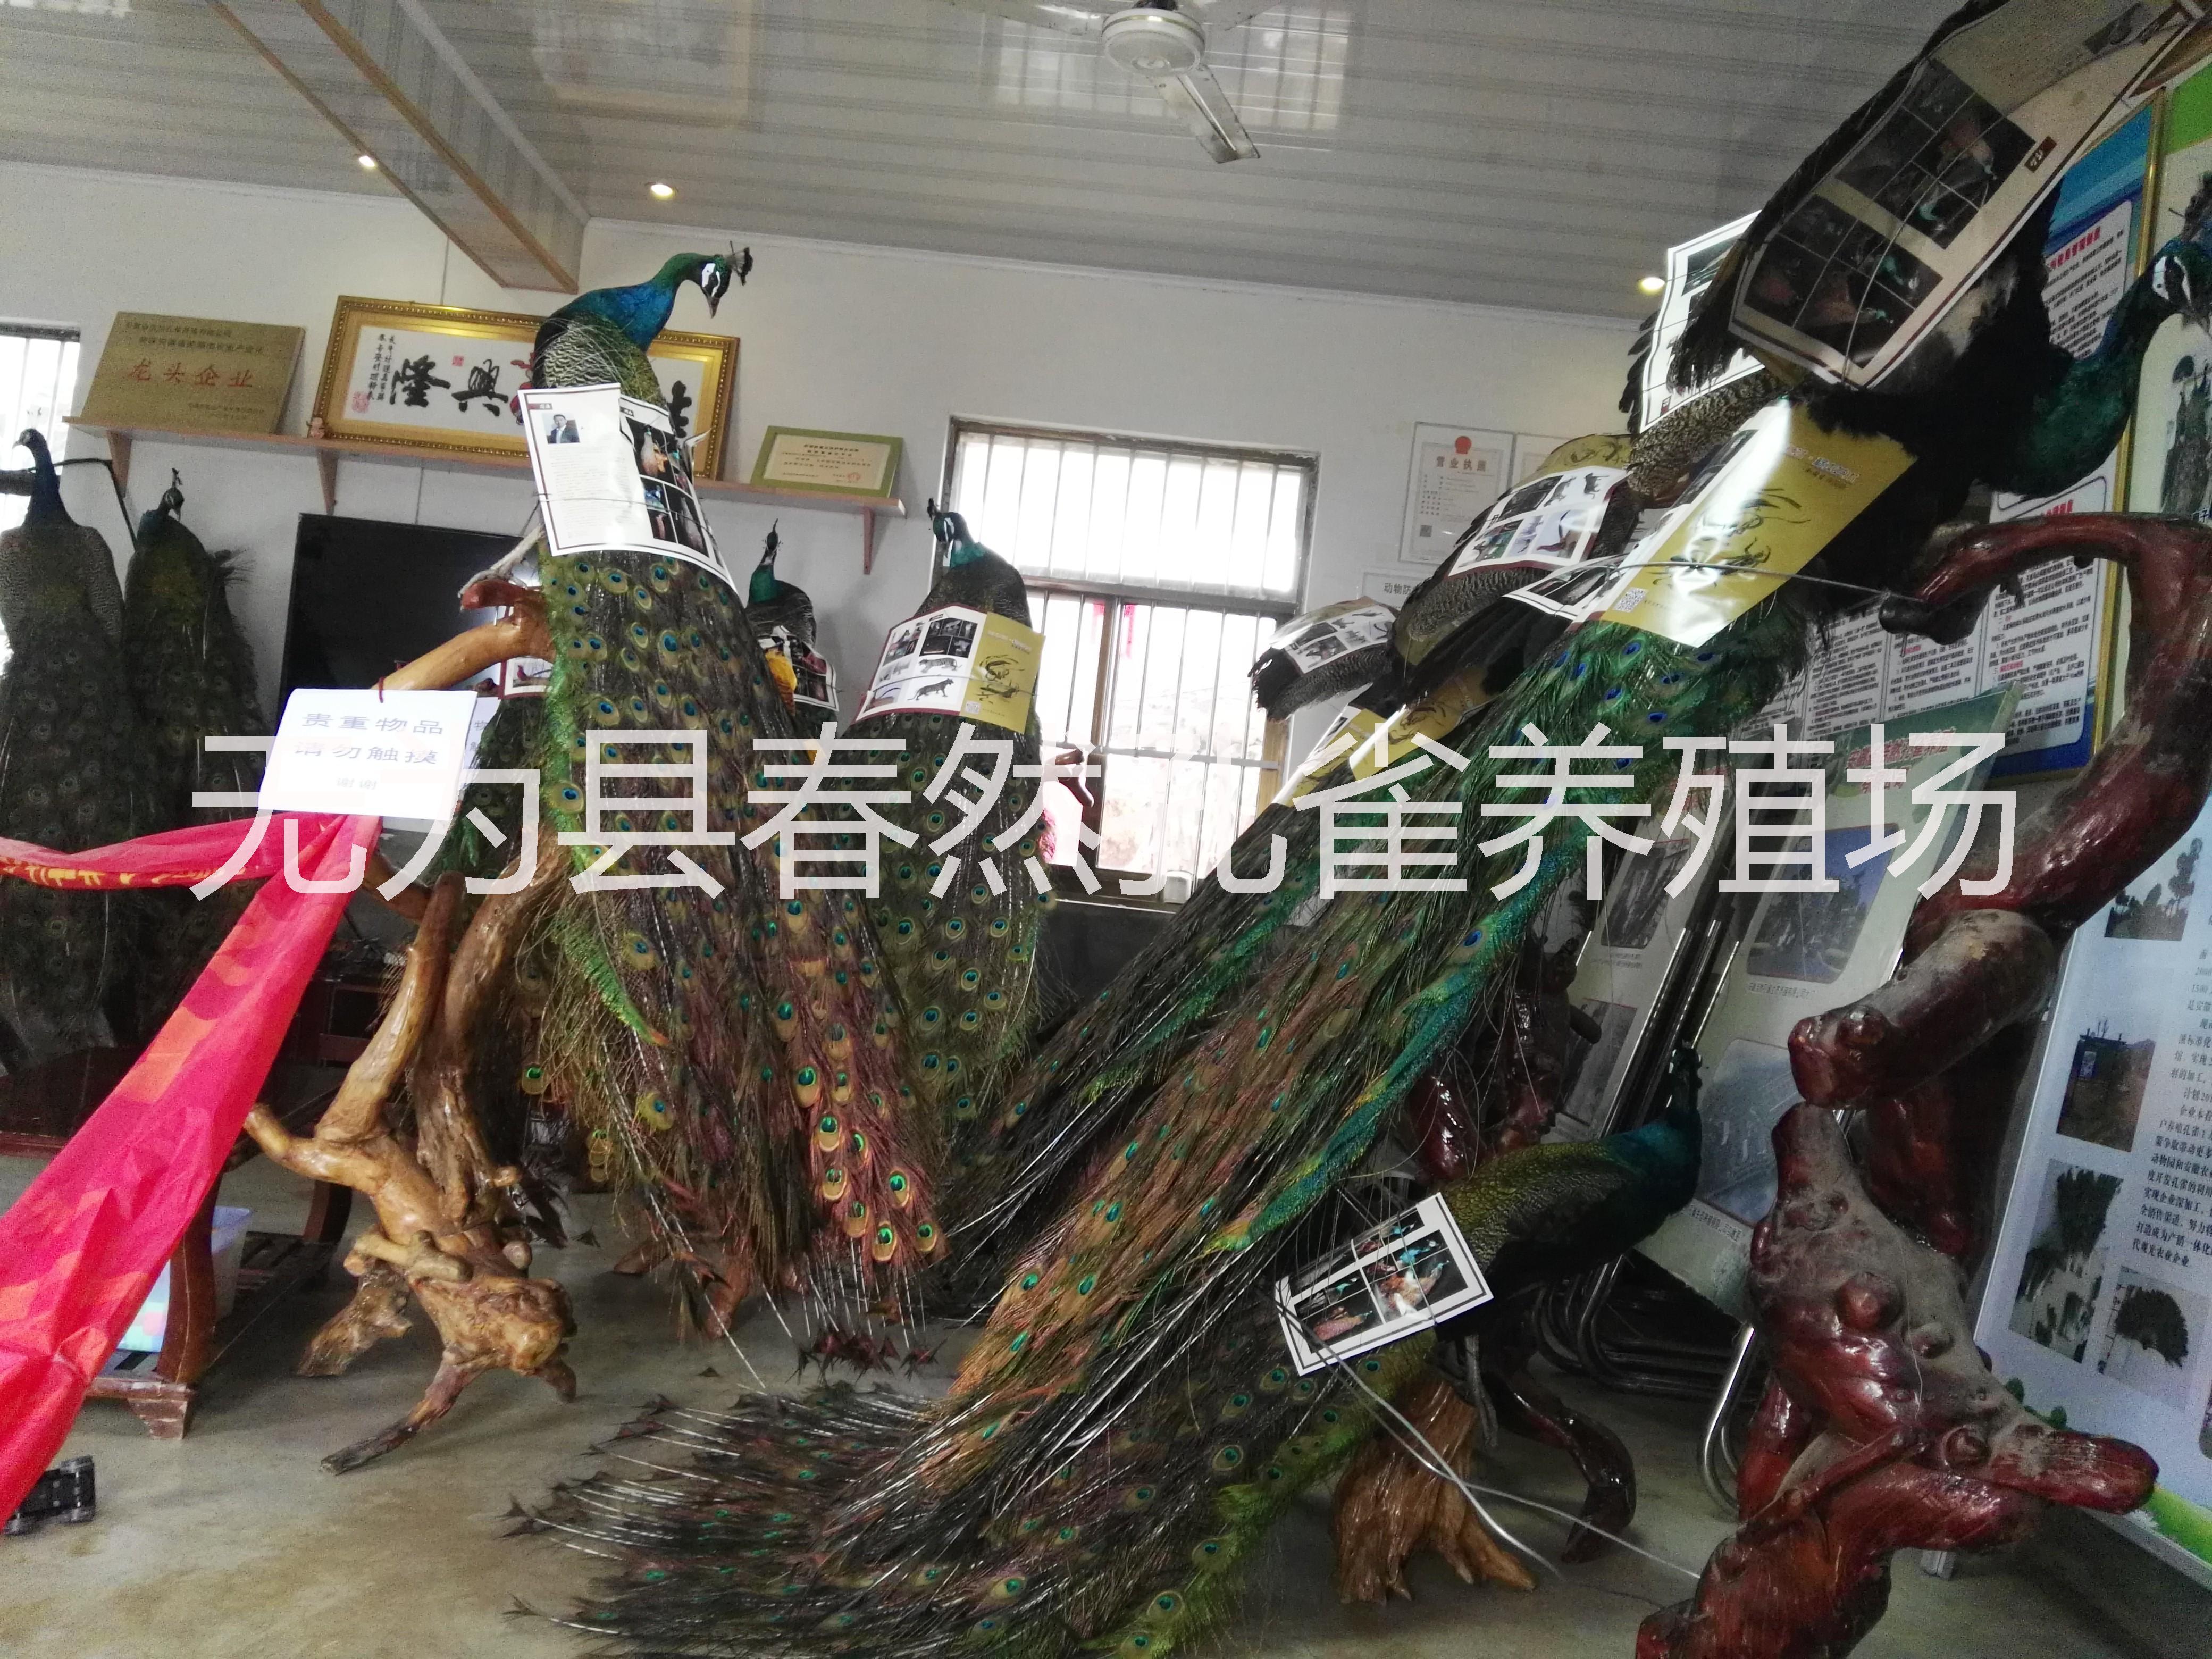 安徽省孔雀养殖场供应花孔雀,白孔雀,孔雀苗及孔雀养殖技术